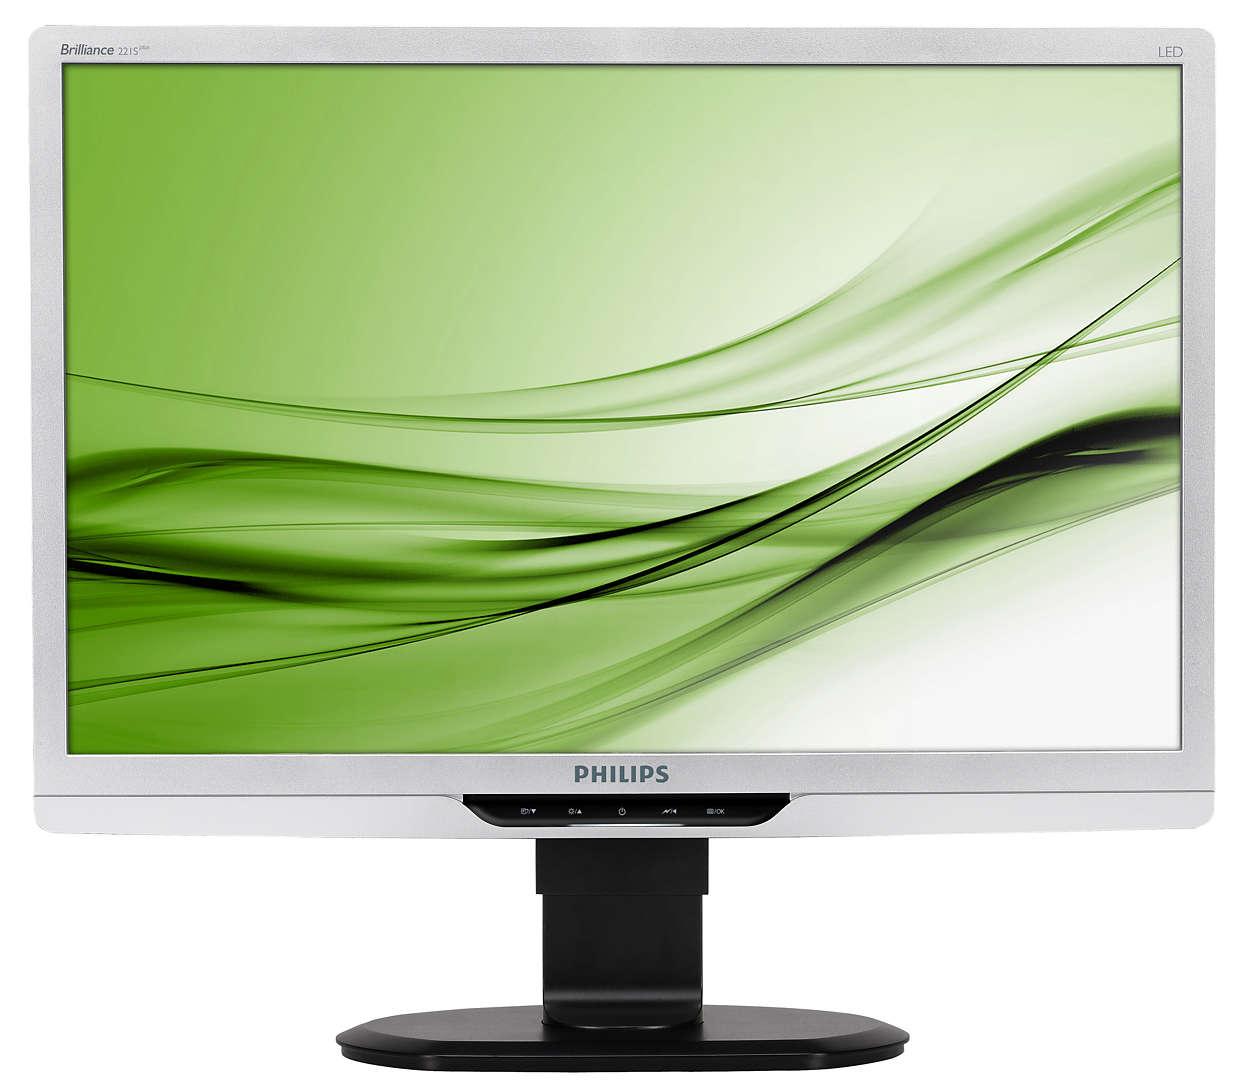 Ergonomic LED display enhances productivity